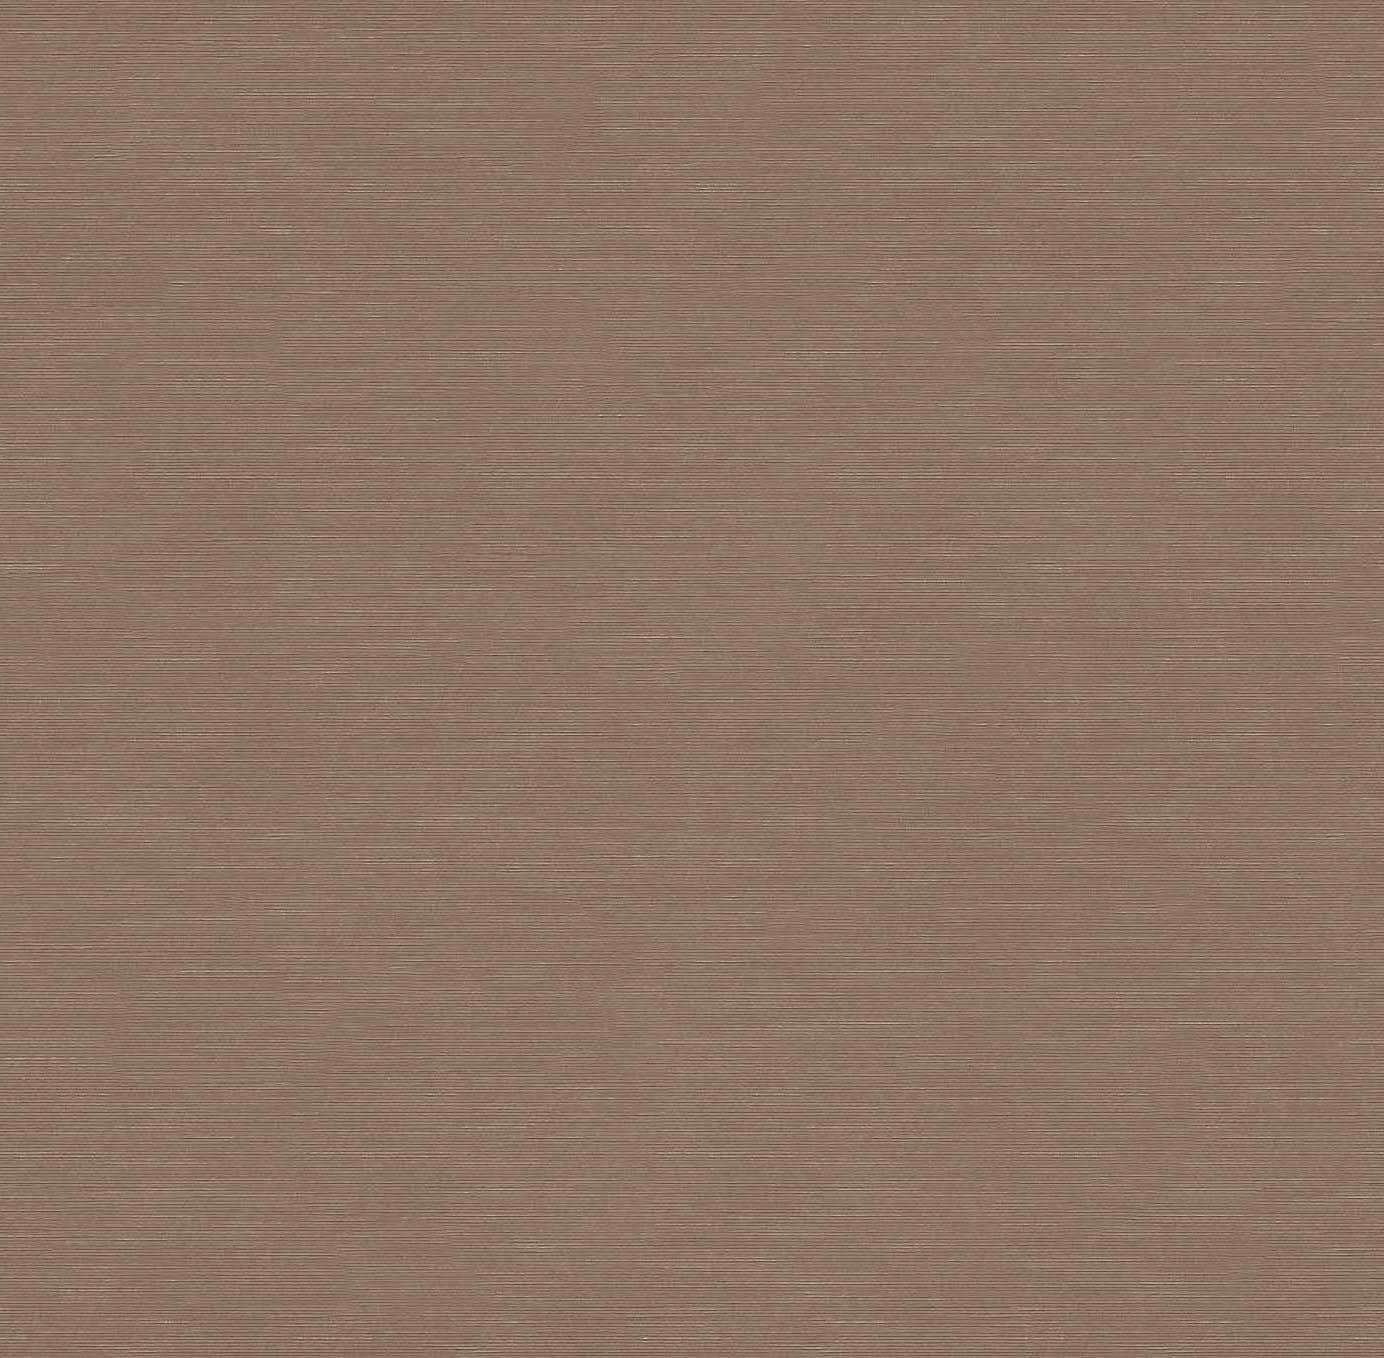 saum viebahn senna 42121701 stoff f r vorh nge und gardinen nach ma. Black Bedroom Furniture Sets. Home Design Ideas